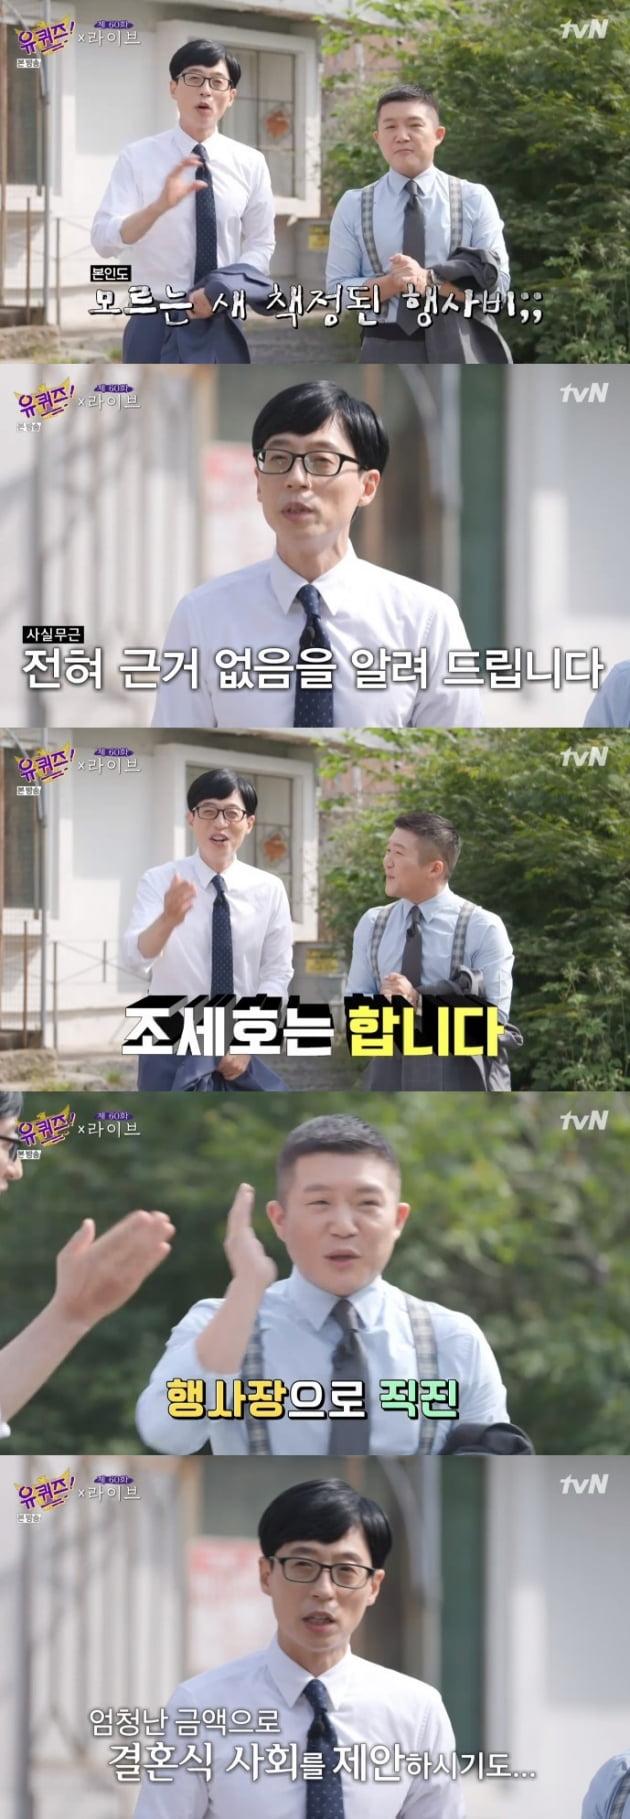 '유퀴즈온더블럭' 유재석 / 사진 = tvN 영상 캡처